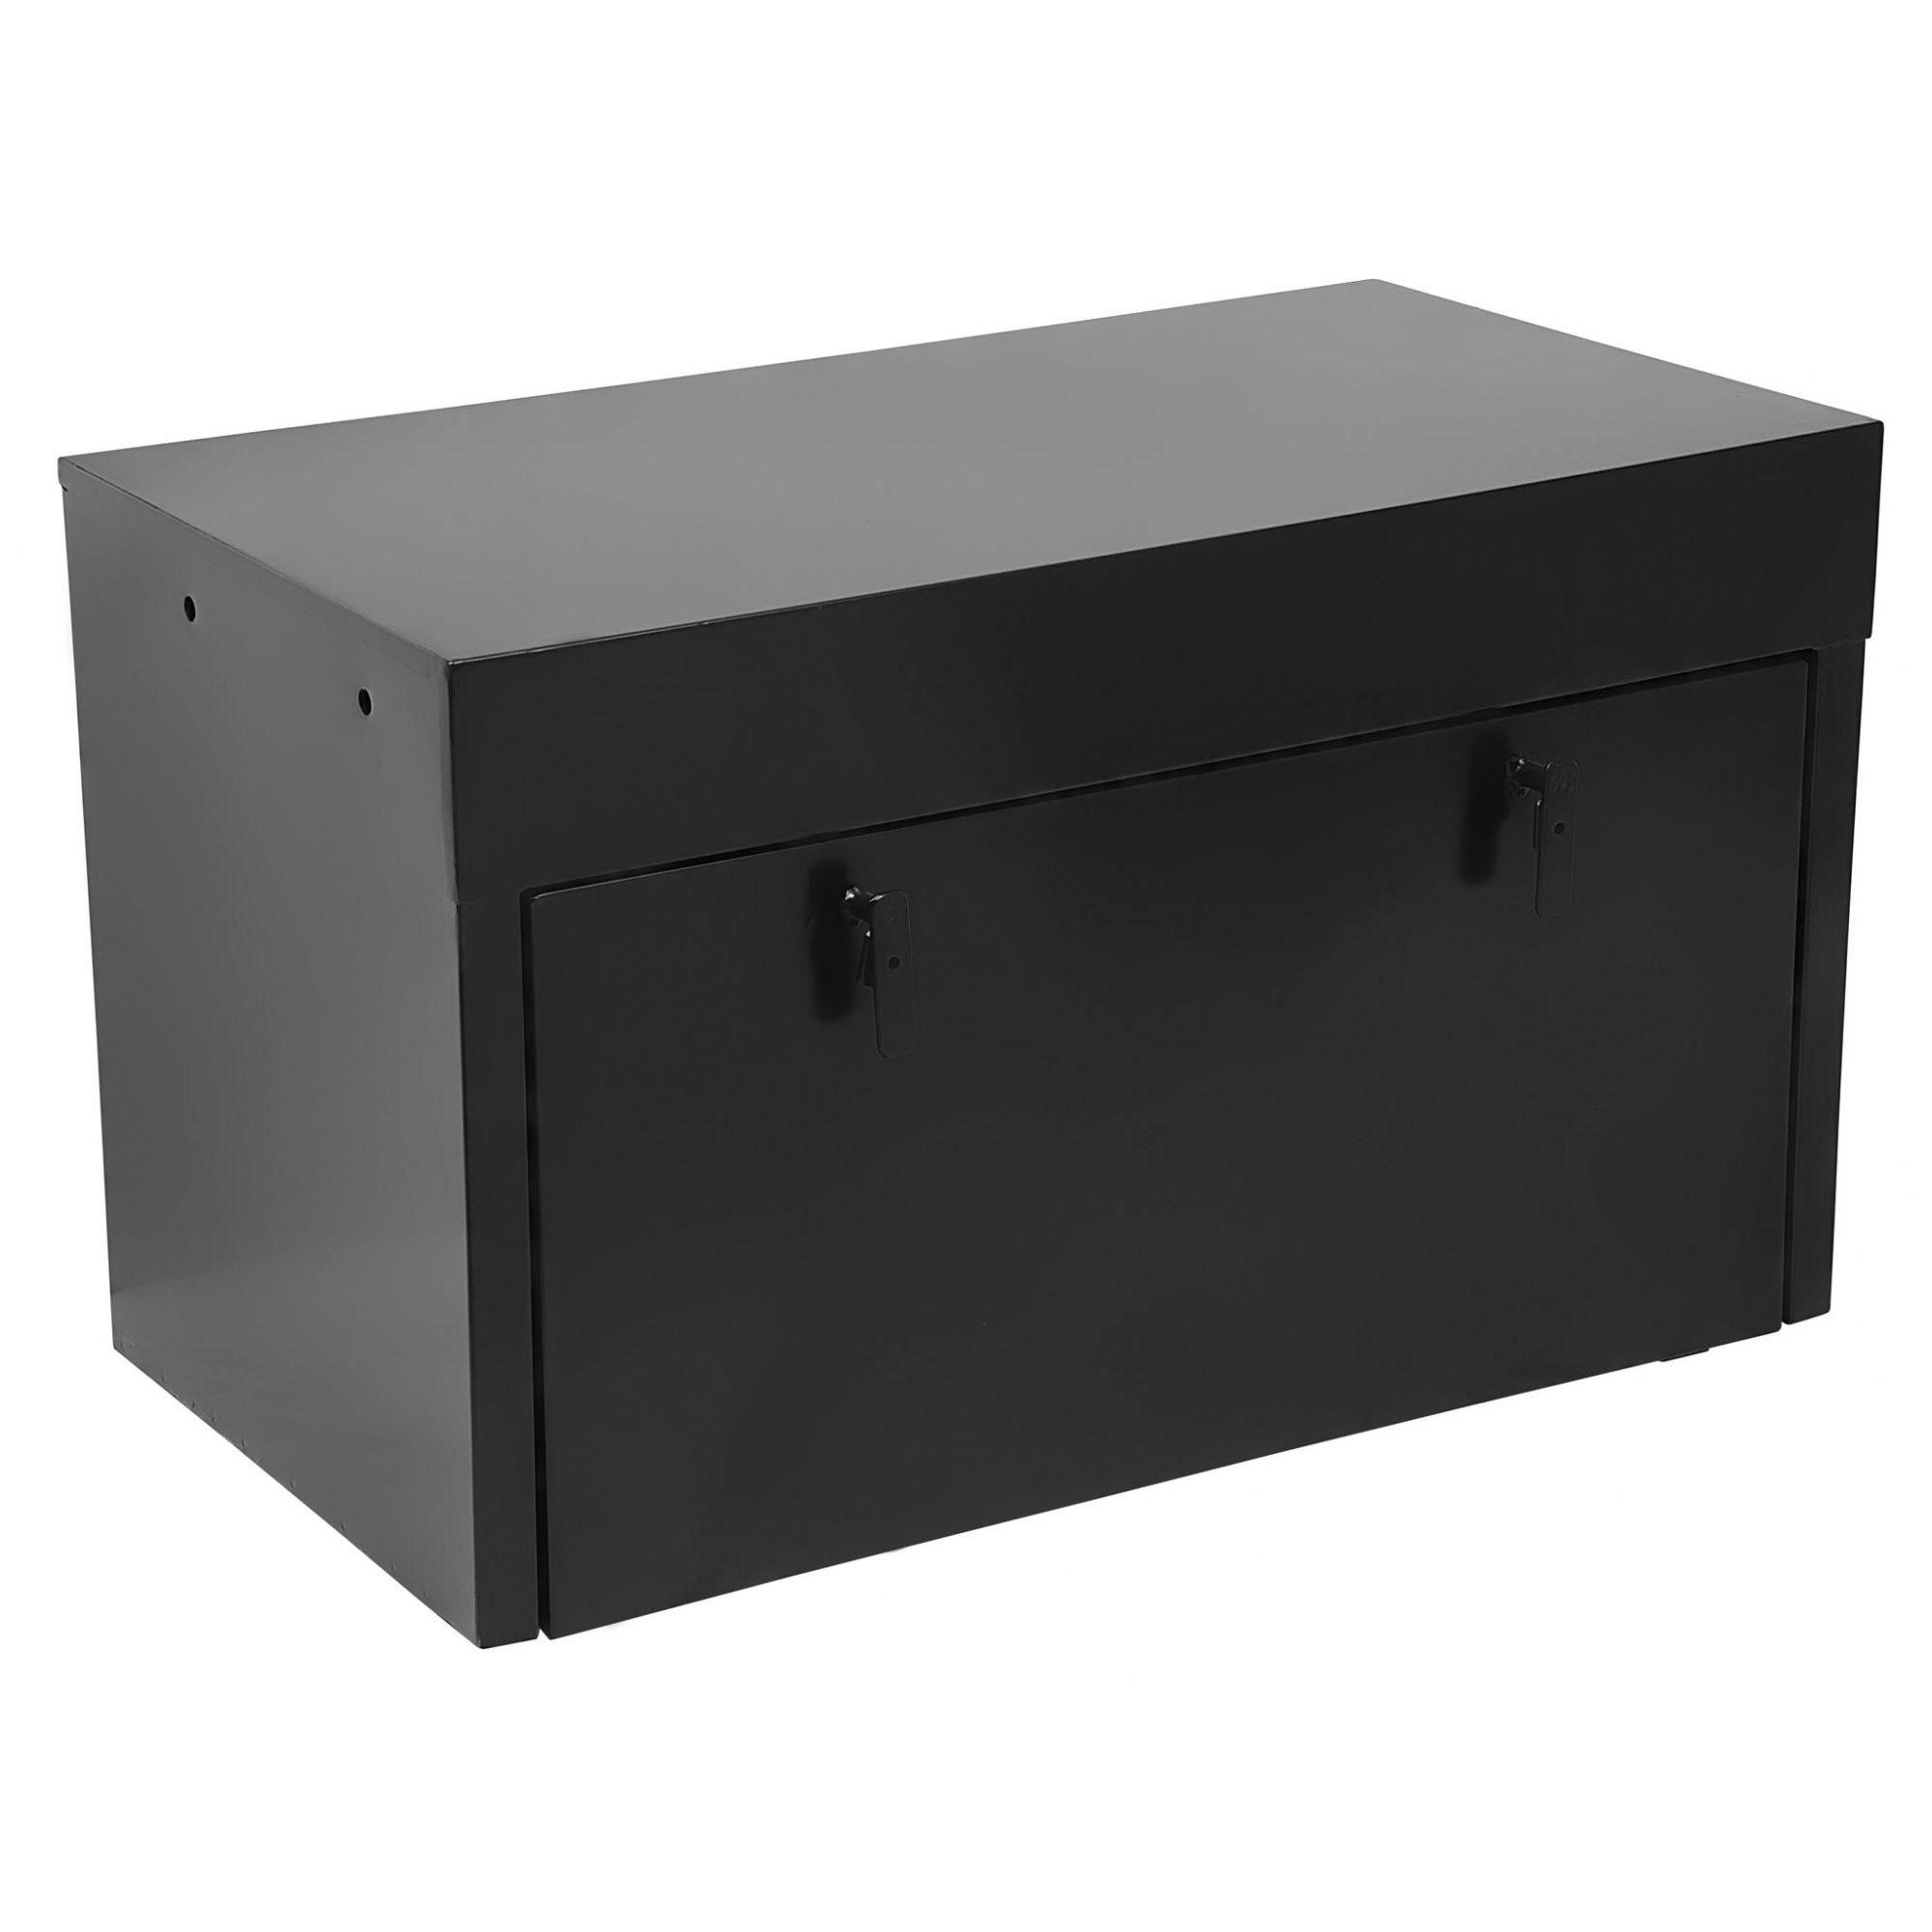 Caixa de Ferramenta Fabbof 600 x 1135 x 600mm